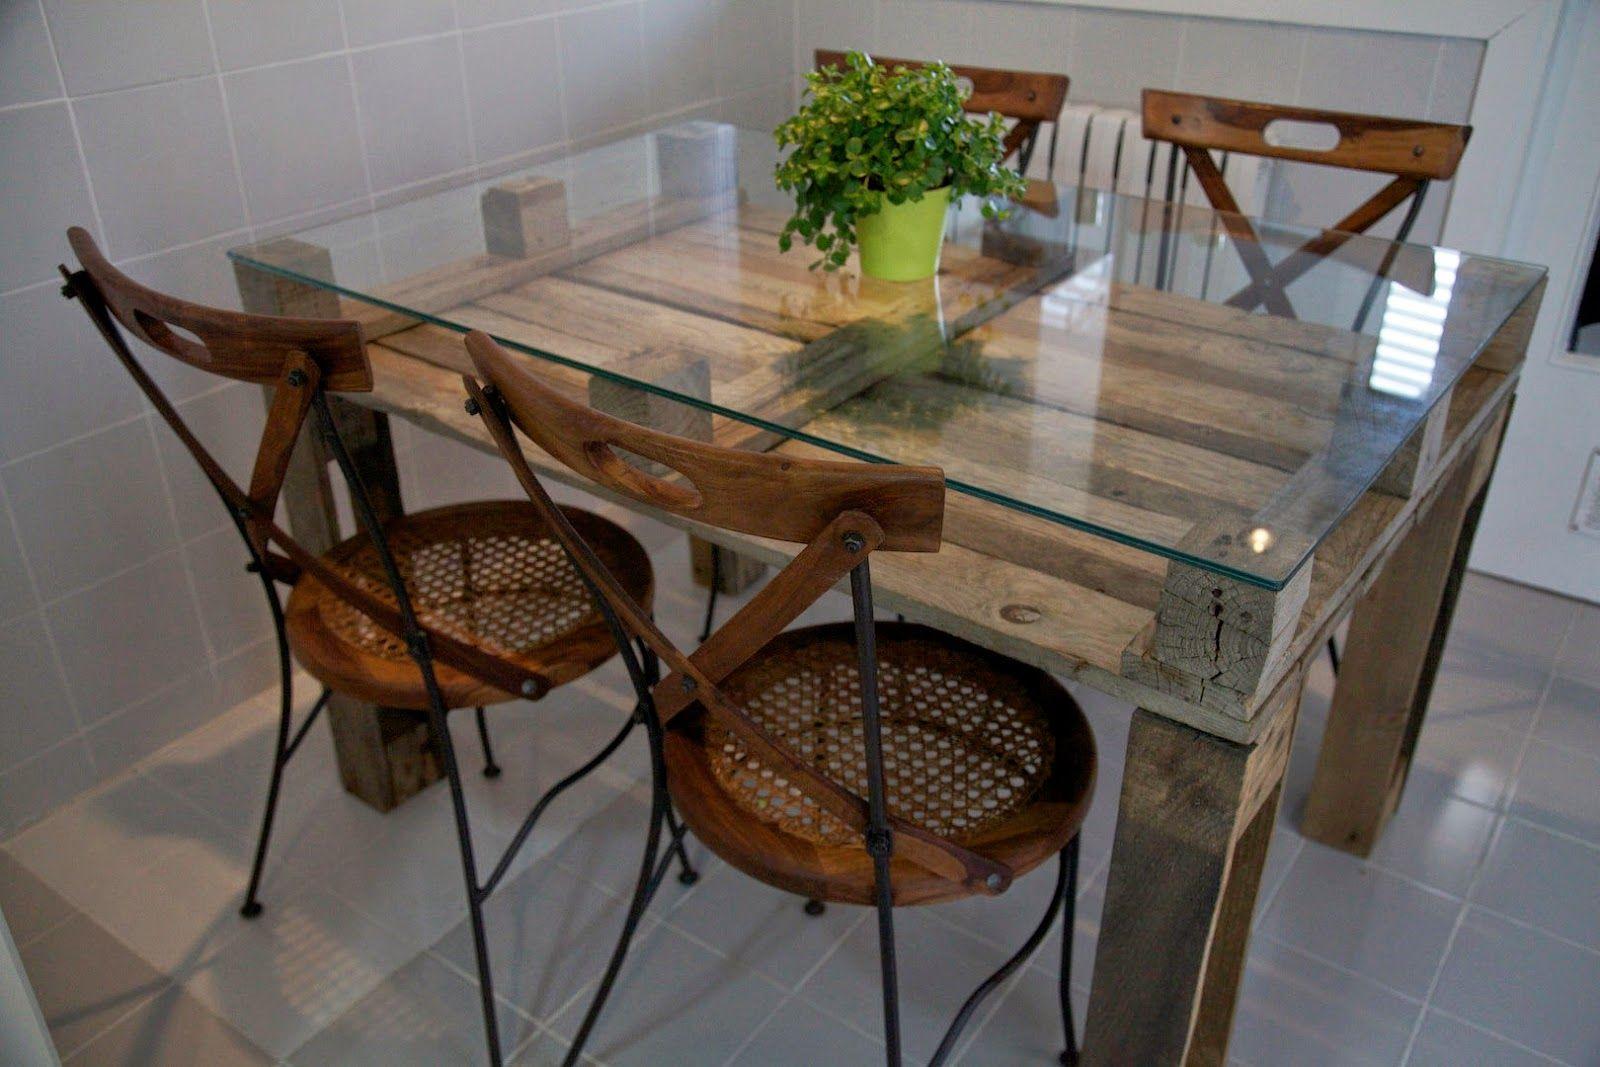 Mesa de cocina creada con palets reciclados | Muebles | Pinterest ...